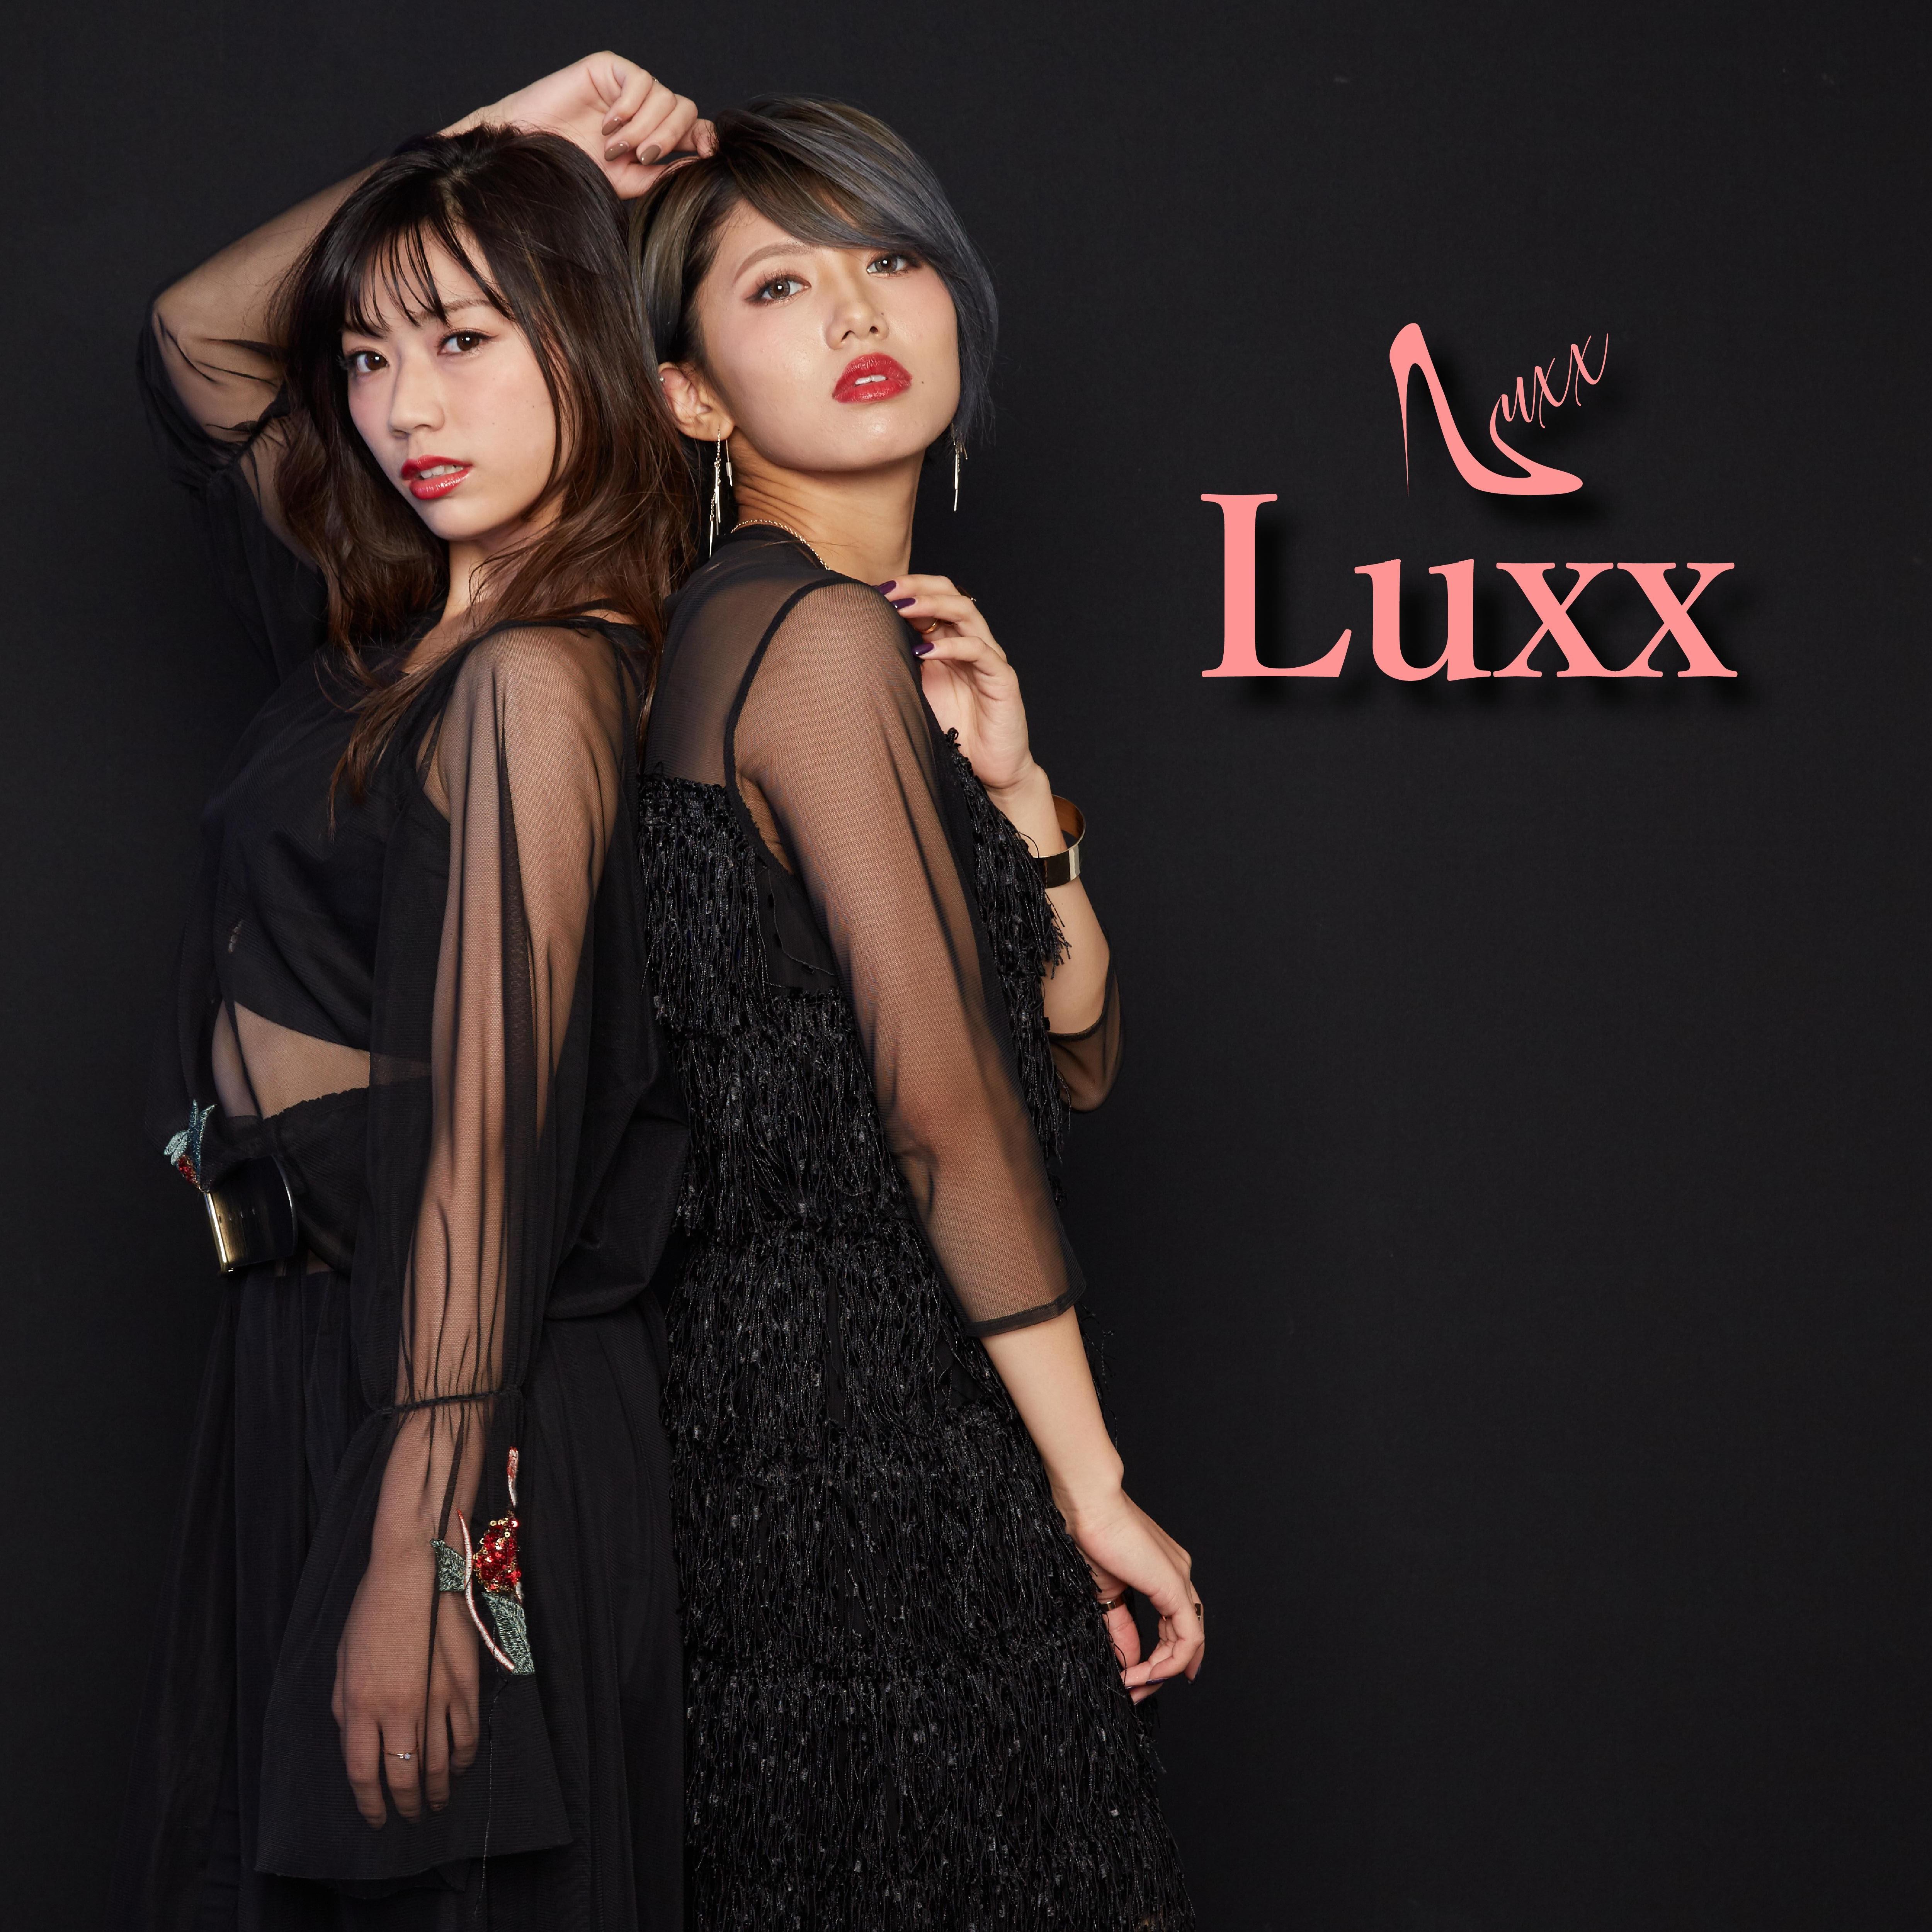 Luxx アー写03